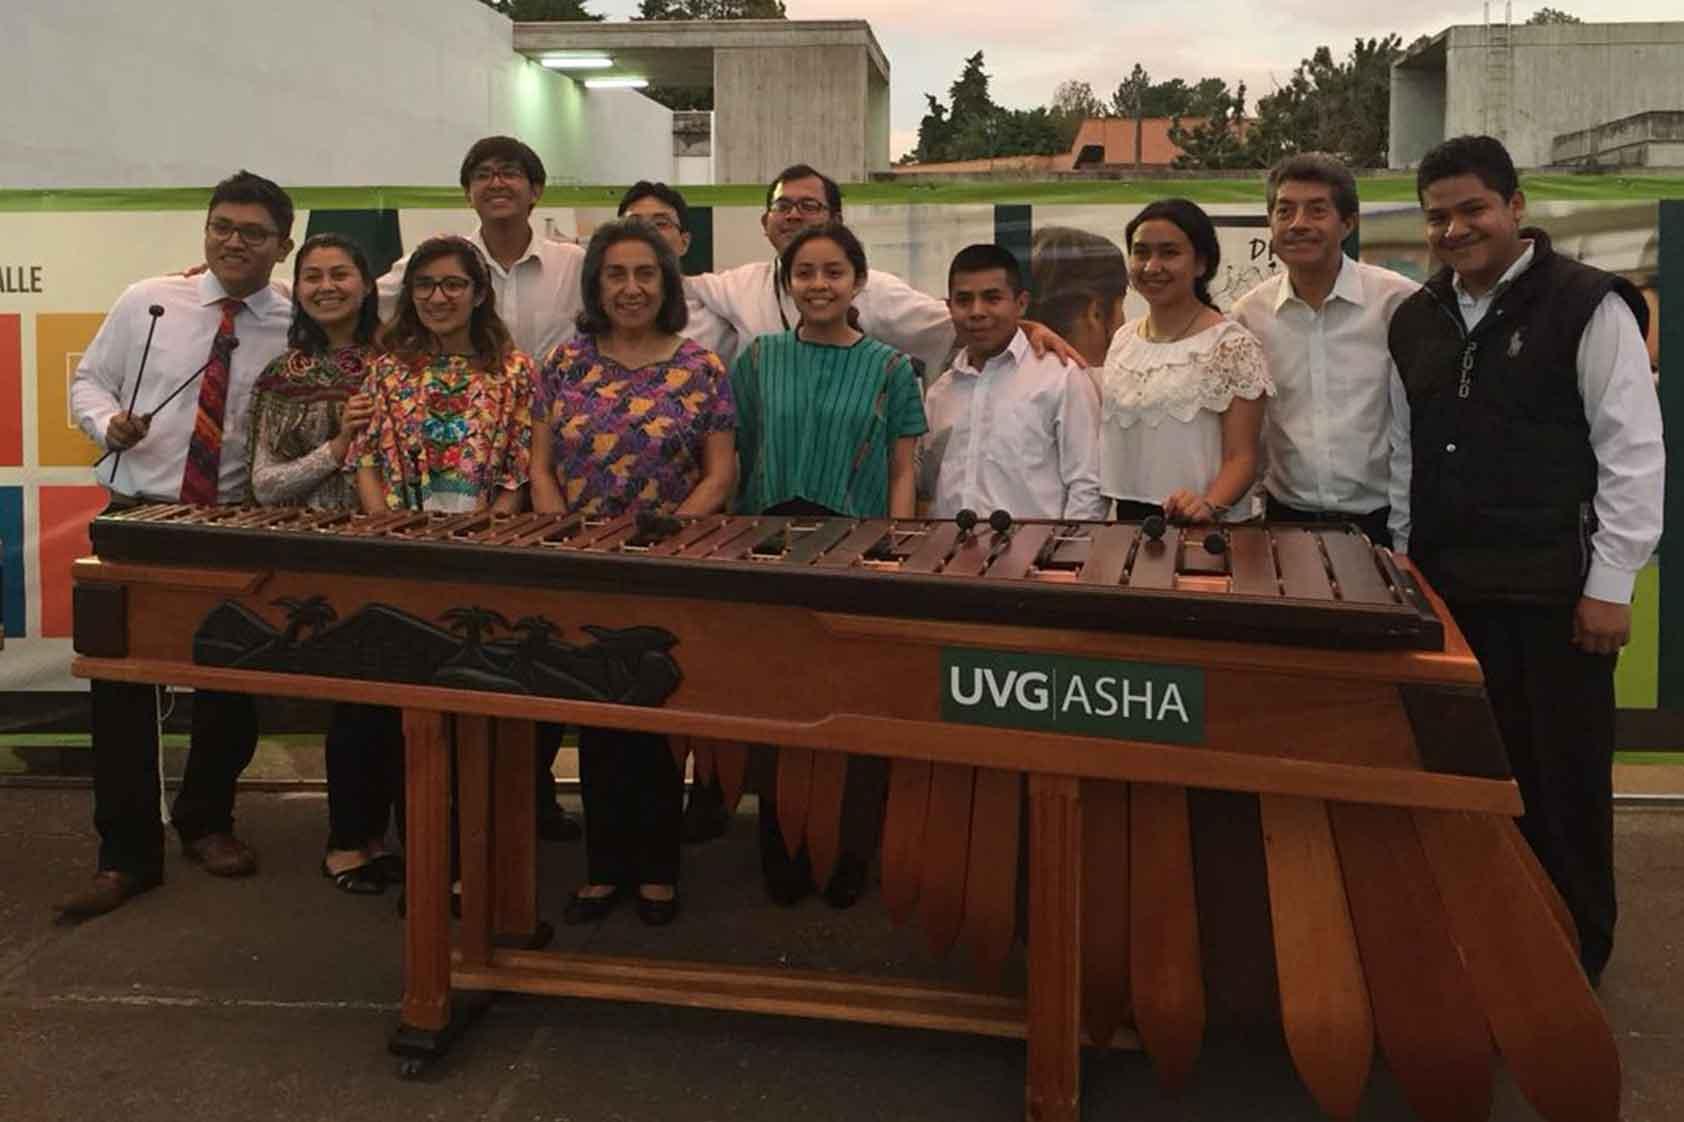 10 datos -y una interesante historia- que no sabías sobre la marimba guatemalteca